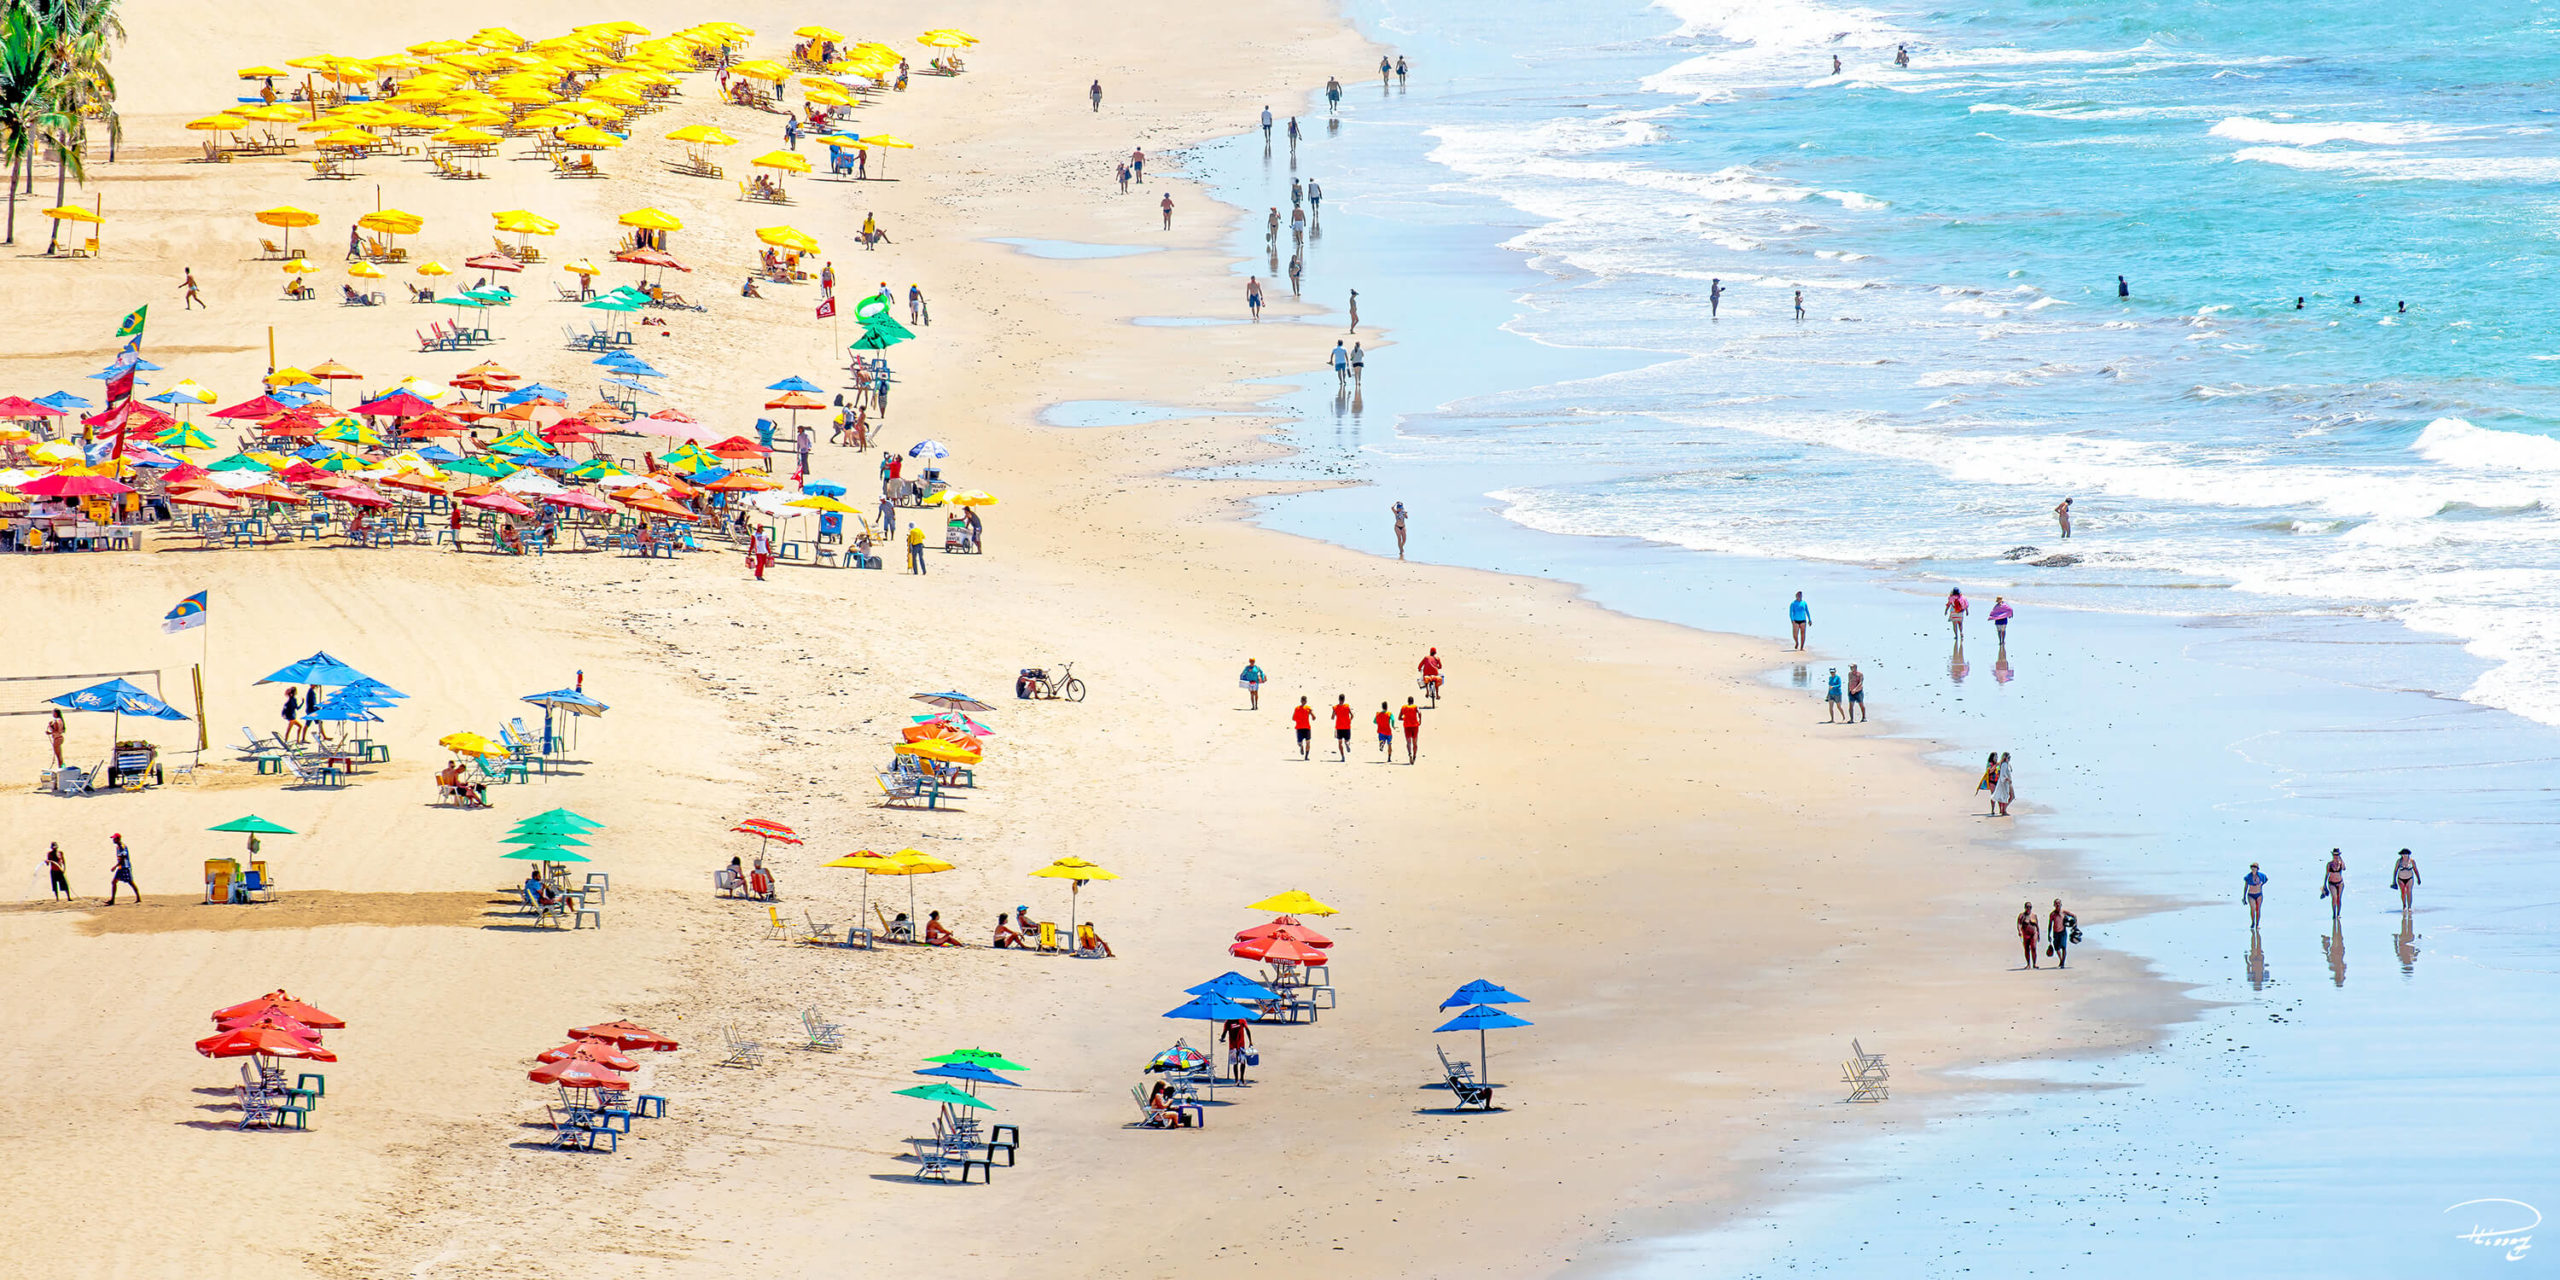 Une plage avec du monde